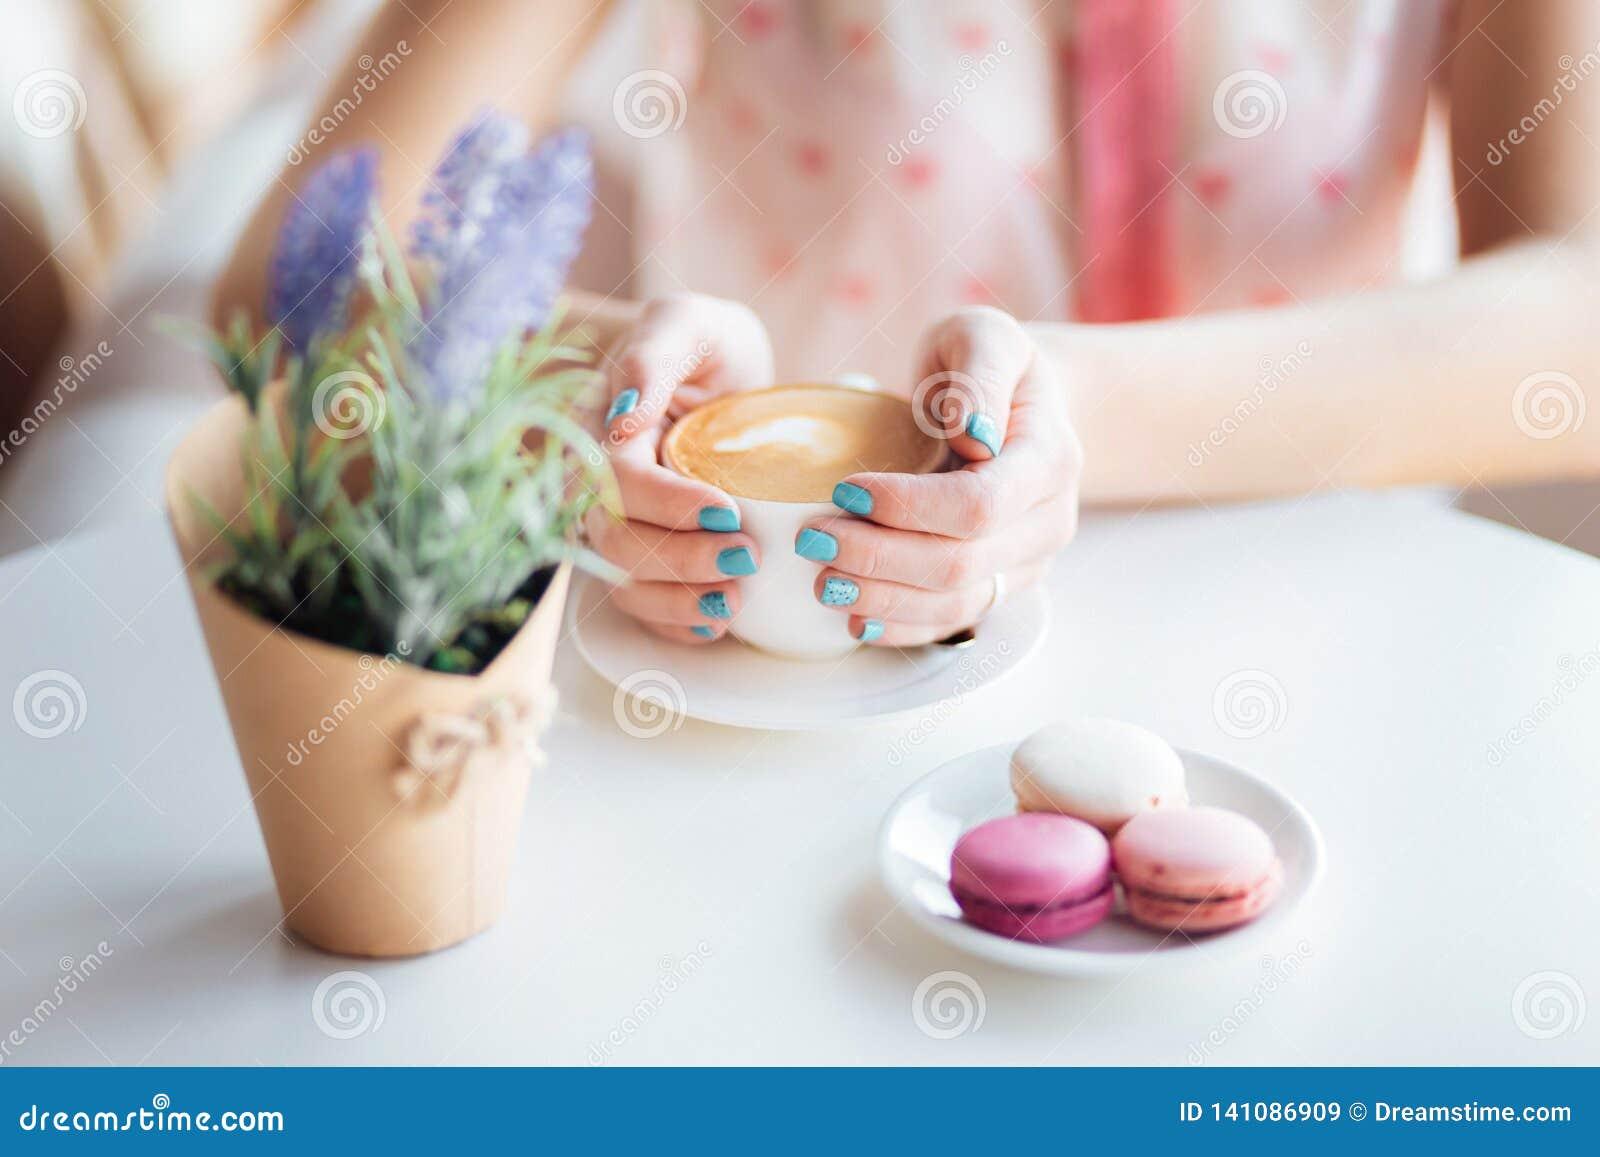 Kobieta wręcza trzymać filiżankę kawy Macarons na stole i lawendzie